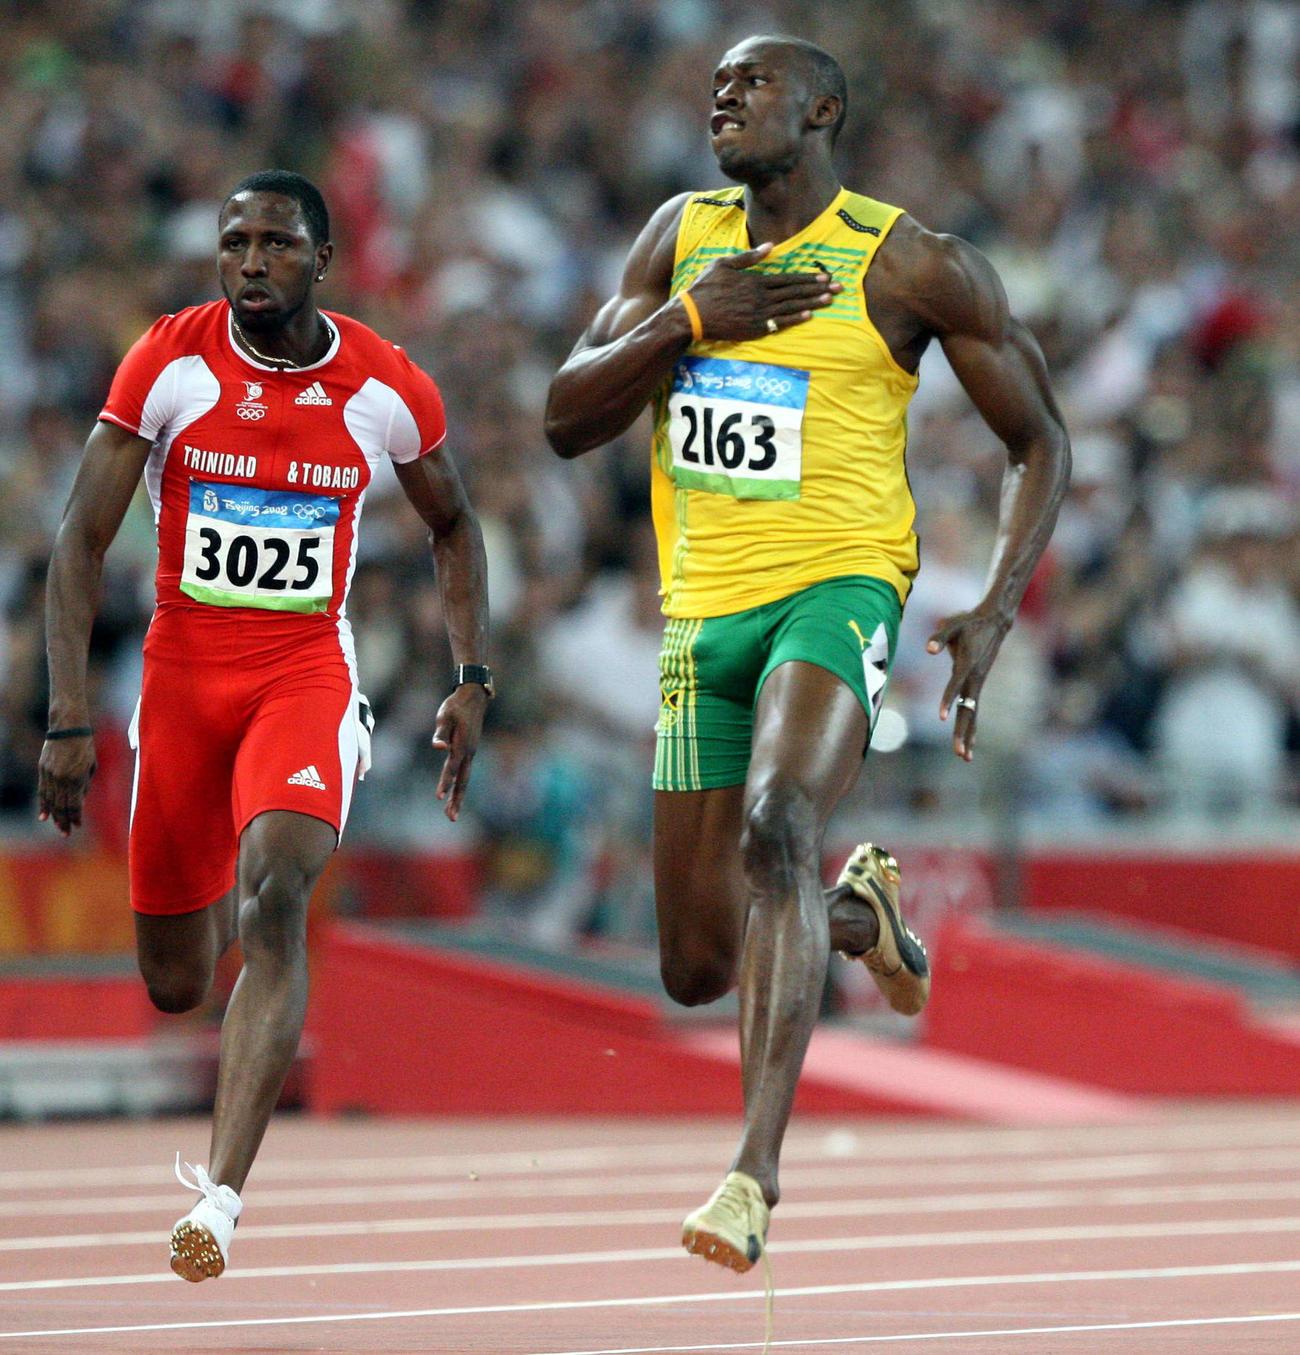 08年8月、北京五輪陸上男子100メートル決勝、9秒69の世界新記録でゴールするウサイン・ボルト(右)